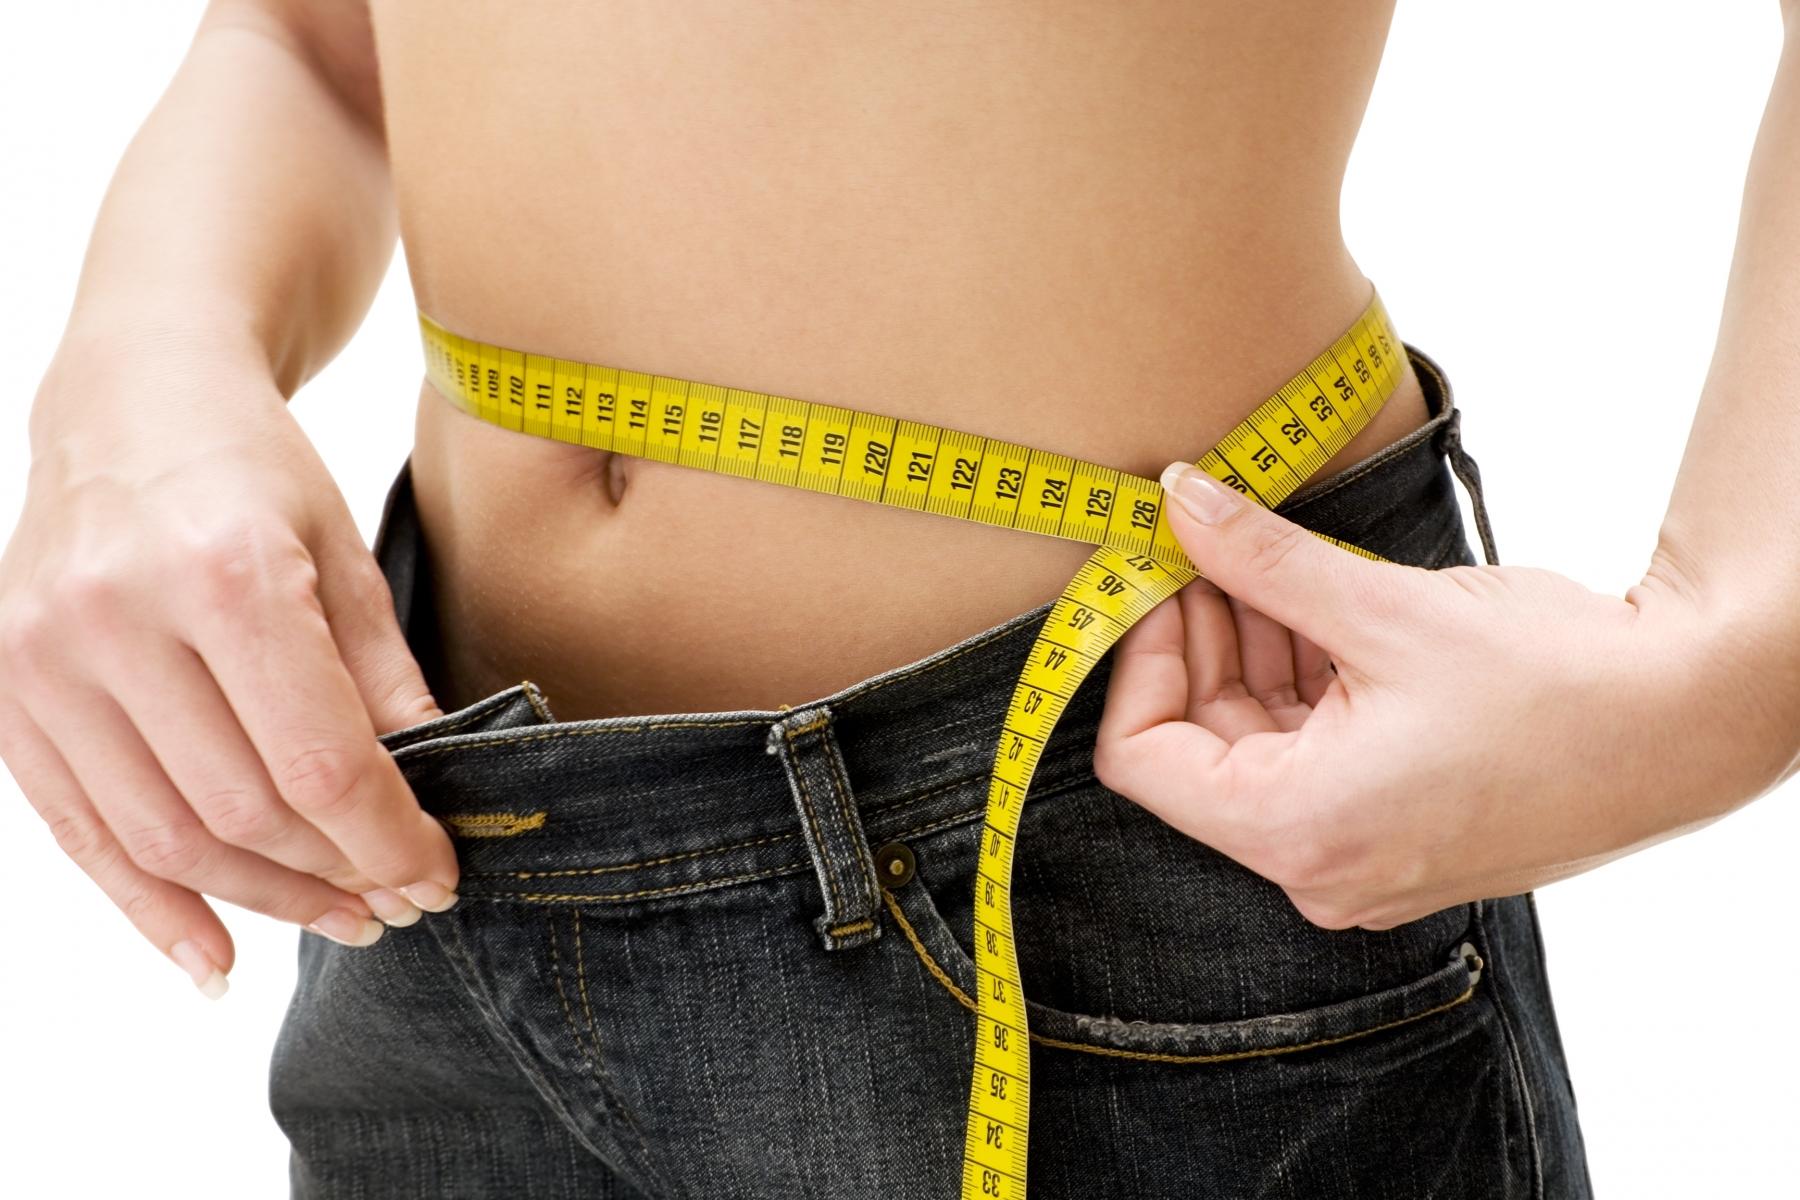 Mexicanos desarrollan aplicación para controlar peso corporal